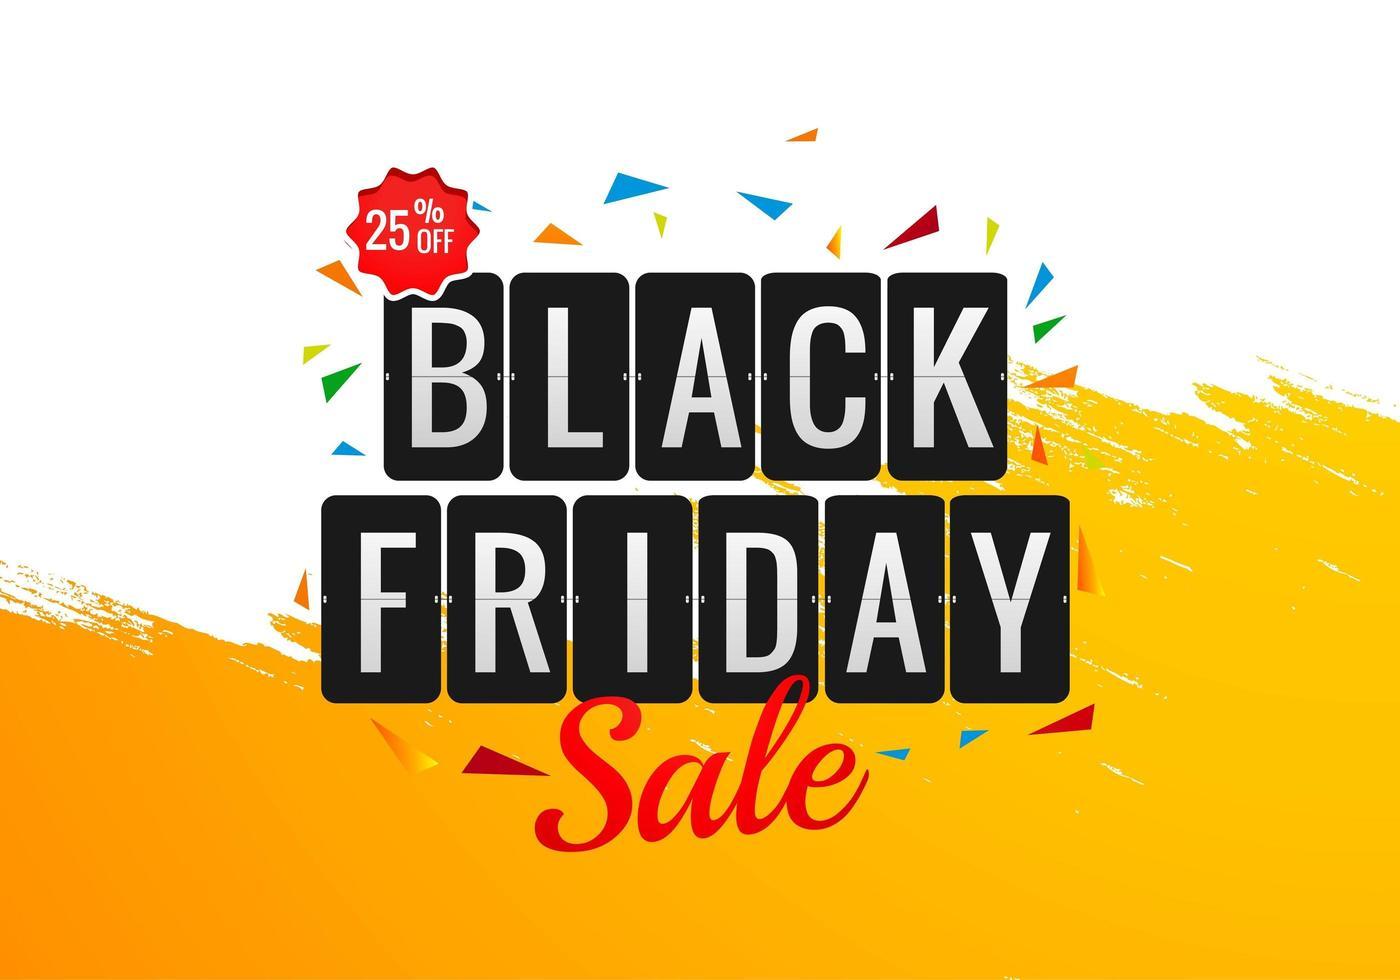 Black Friday Holiday Sale Banner Vorlage Design vektor